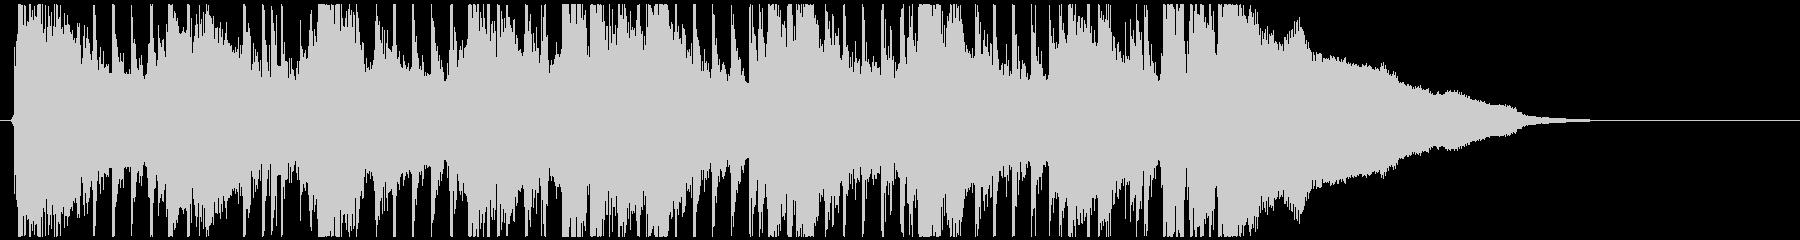 ピアノの疾走感が印象的なフレーズの未再生の波形